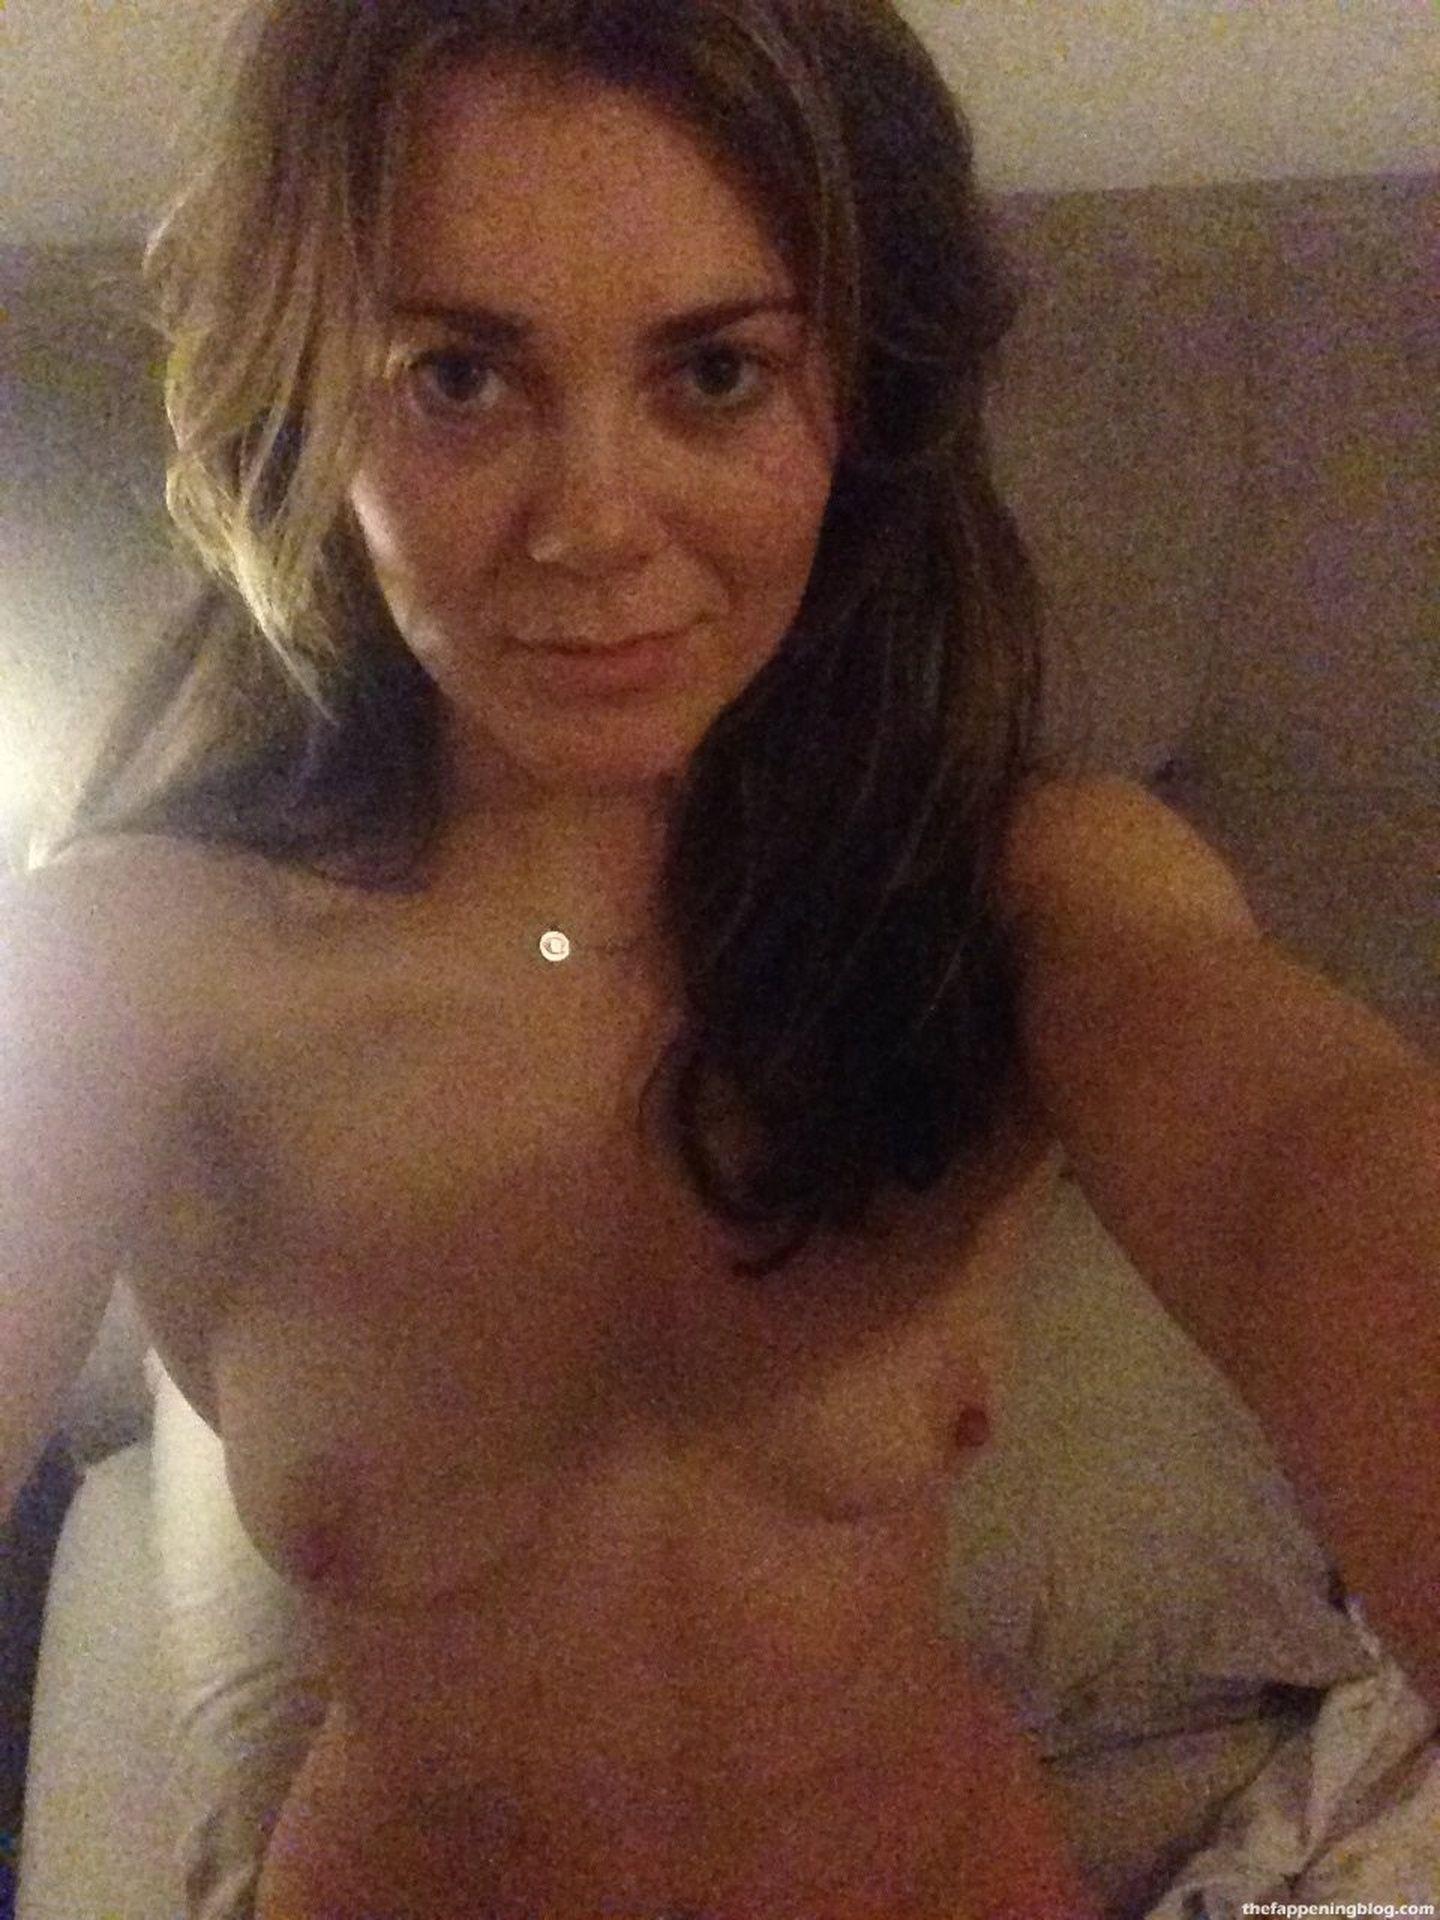 Leaks naked JENNIFER LAWRENCE